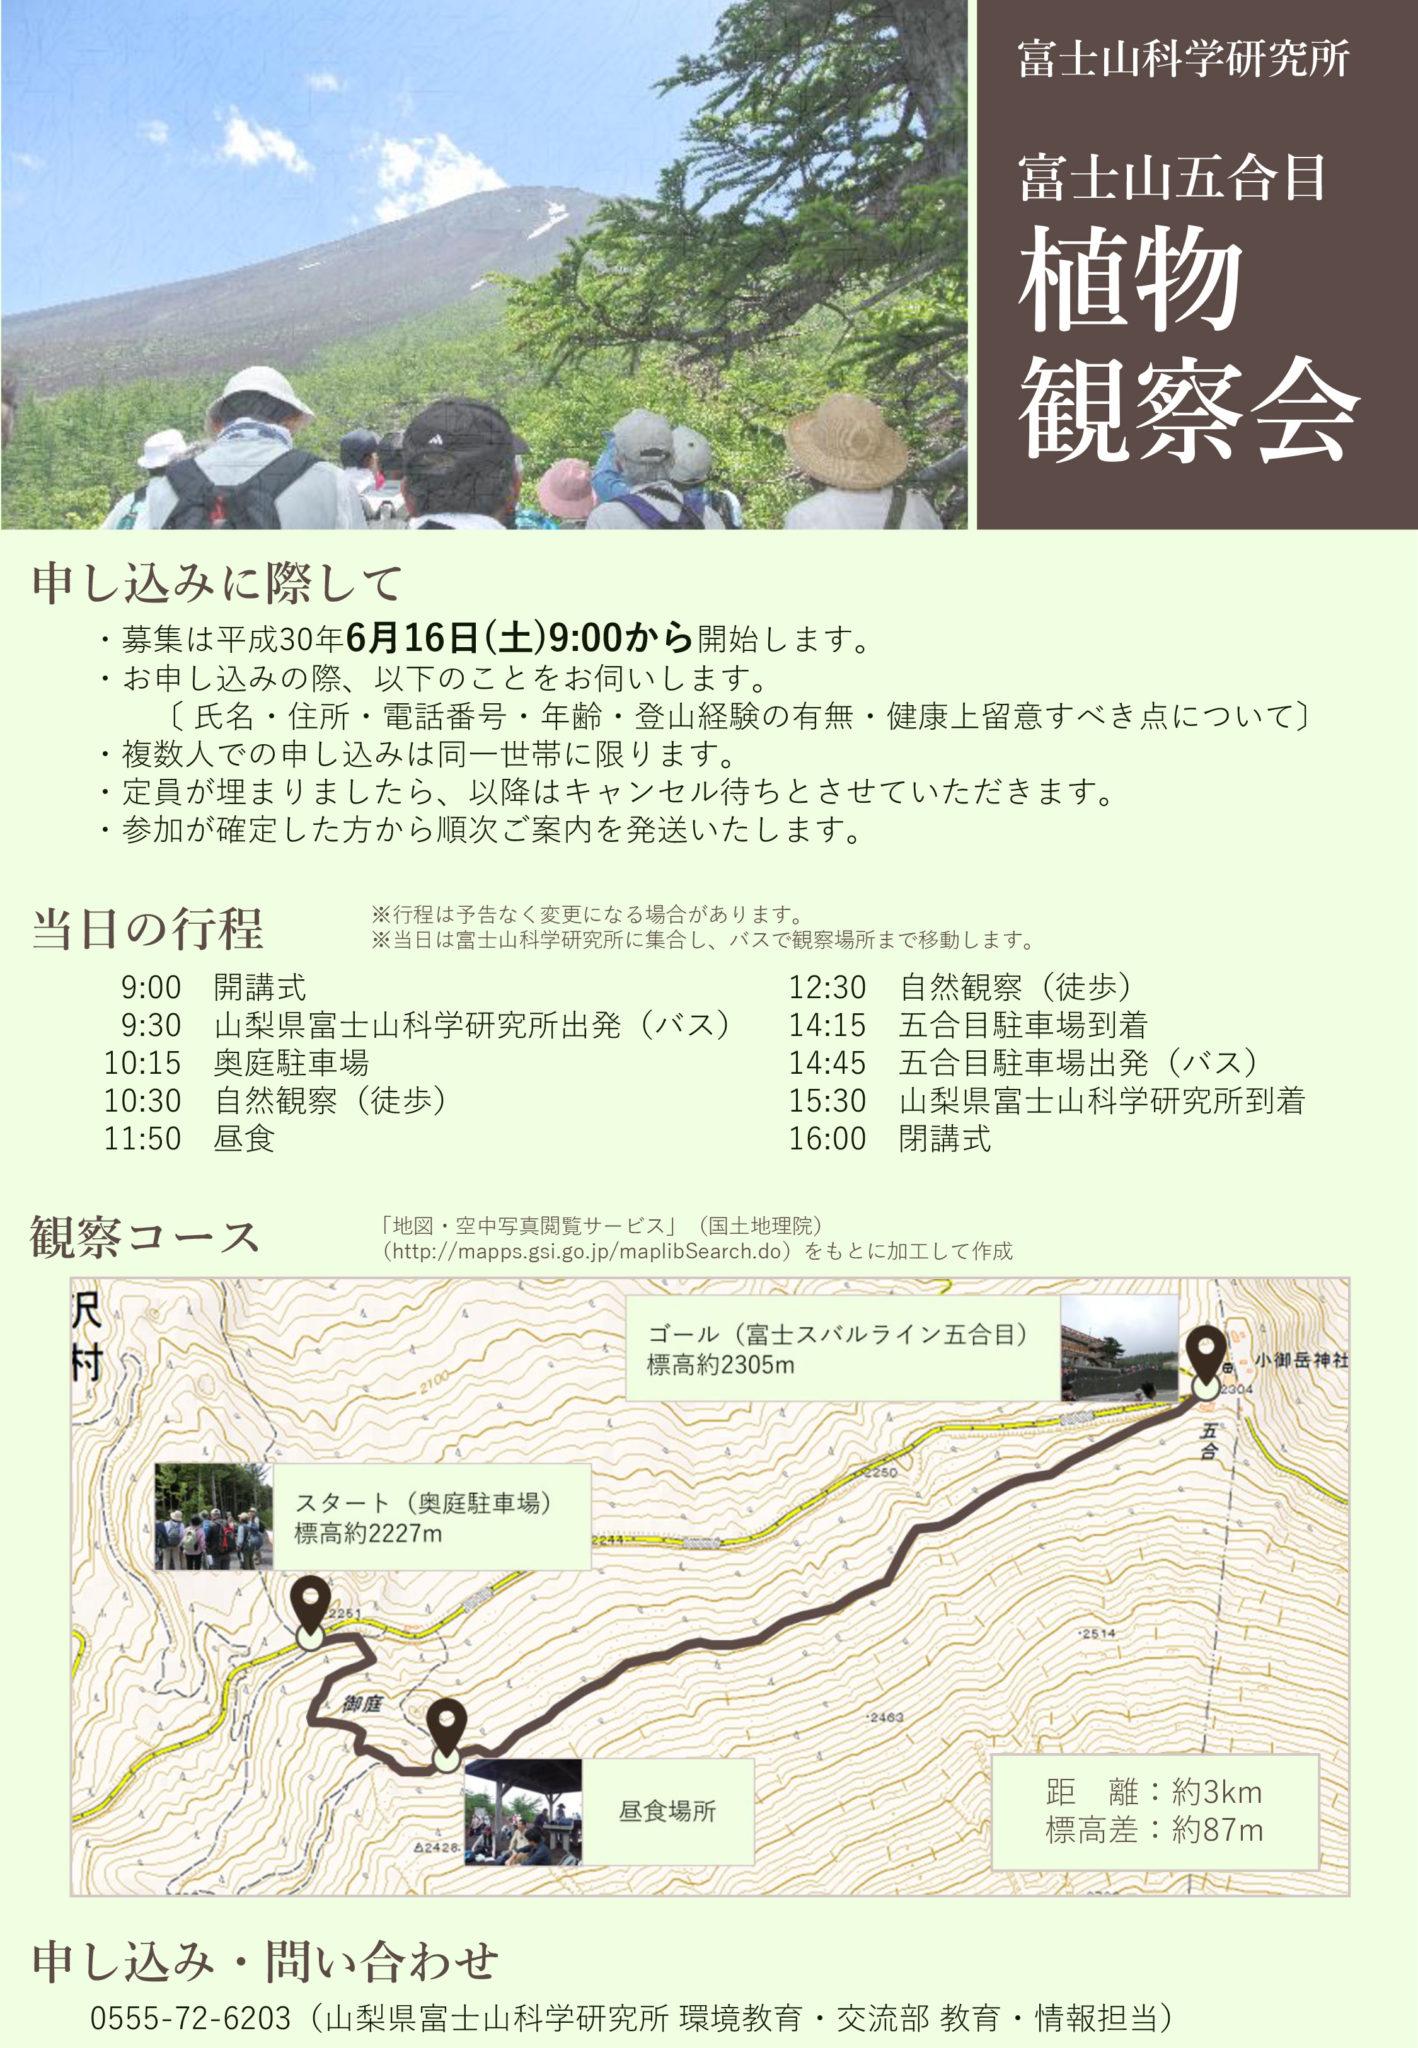 富士山五合目 植物観察会 富士吉田市 イベント 2